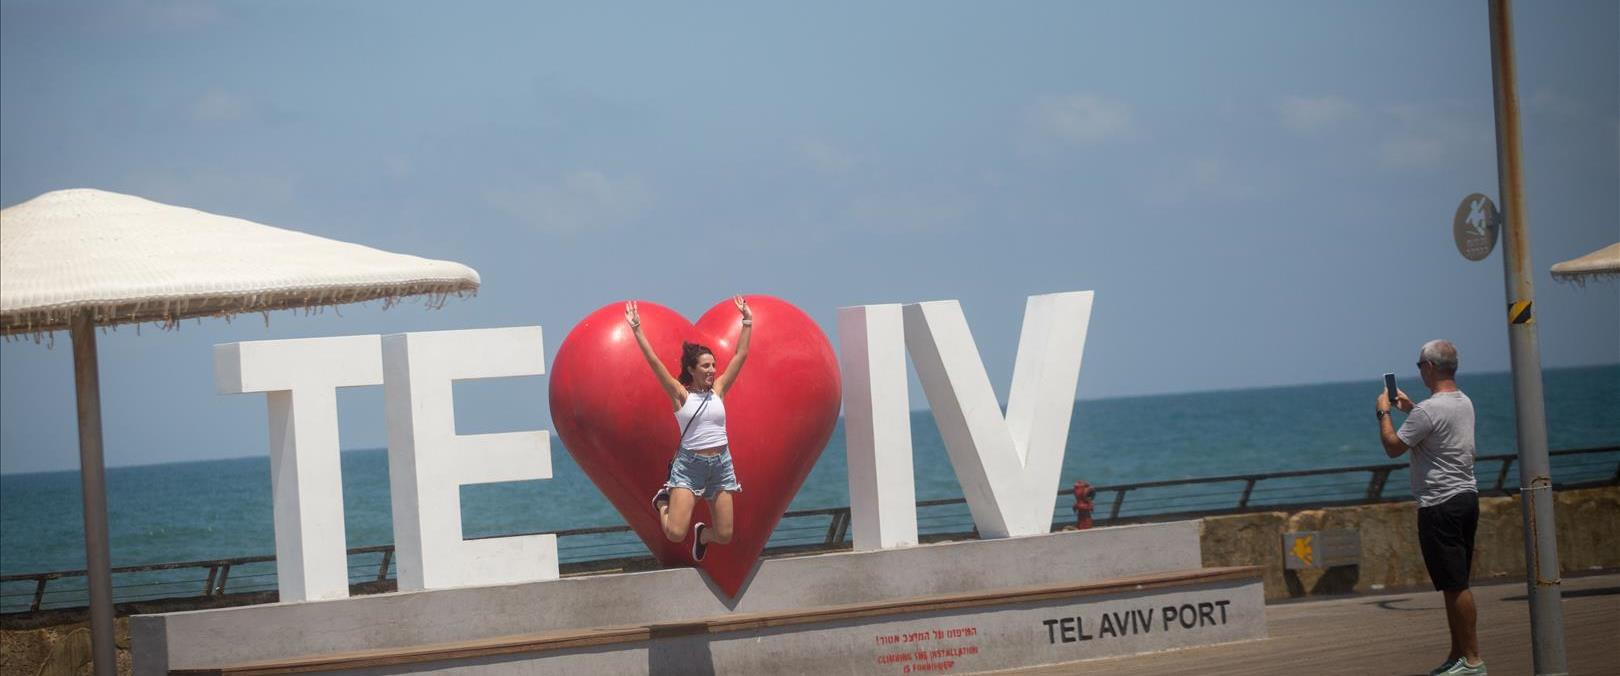 פסל בנמל תל אביב